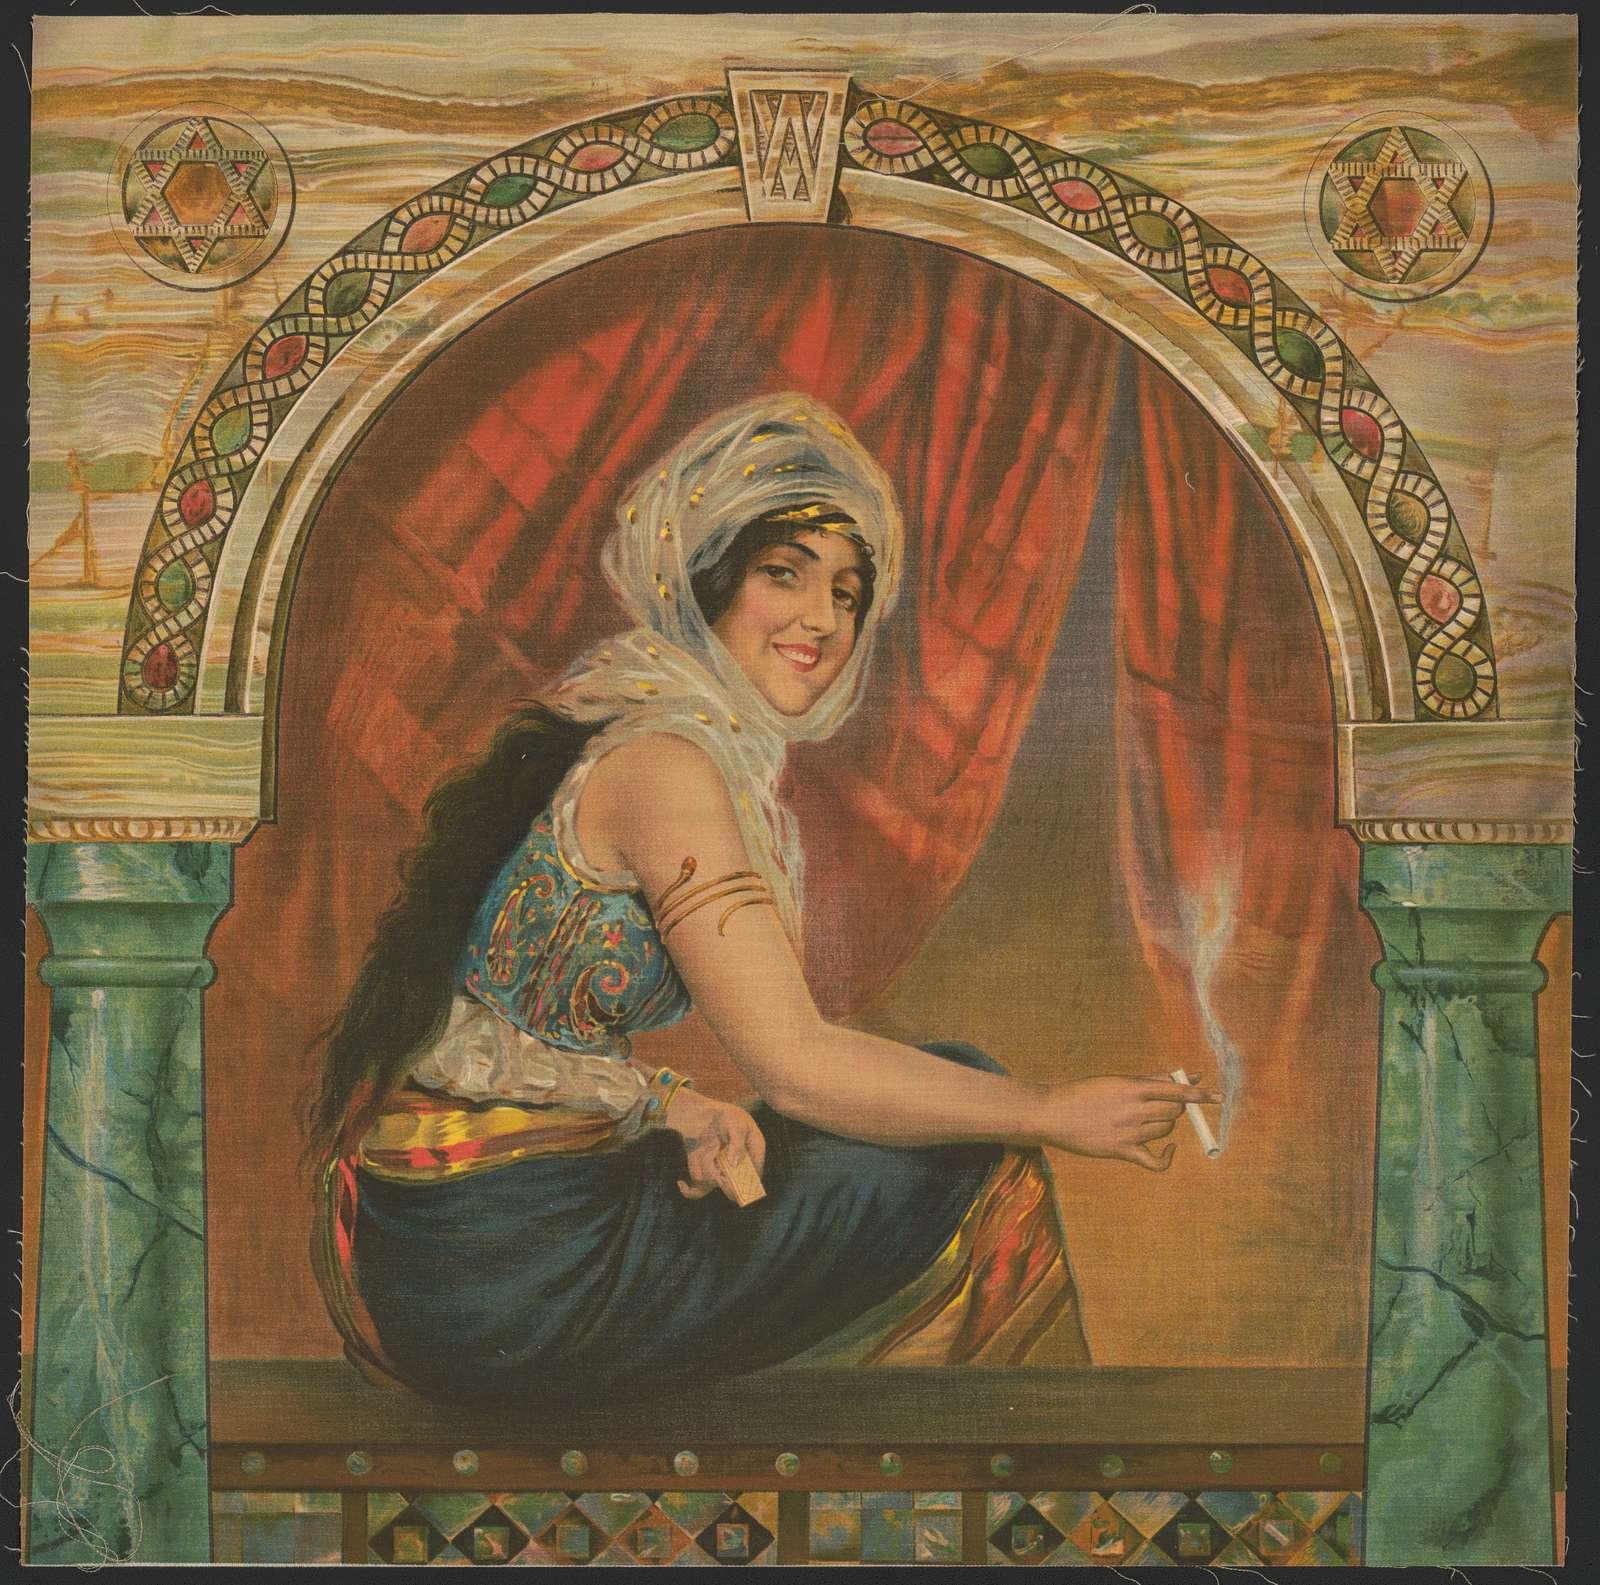 Woman sitting in window smoking